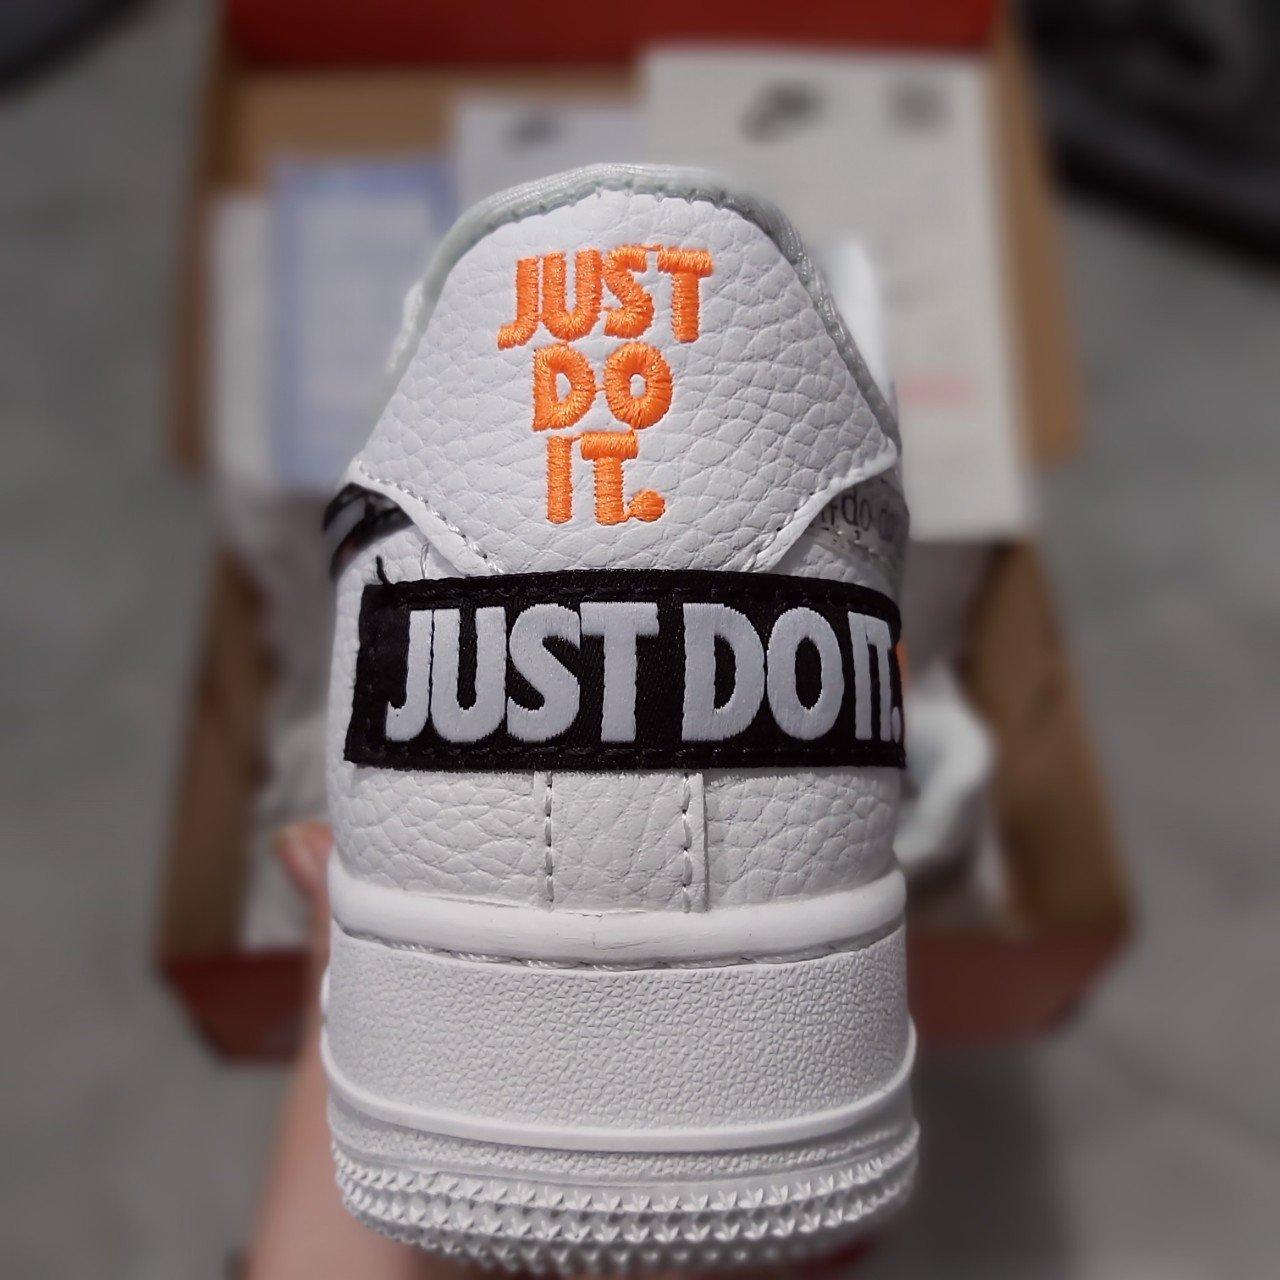 Air Force 1 Low Just Do It Rep 1:1 phần đế của đôi giày